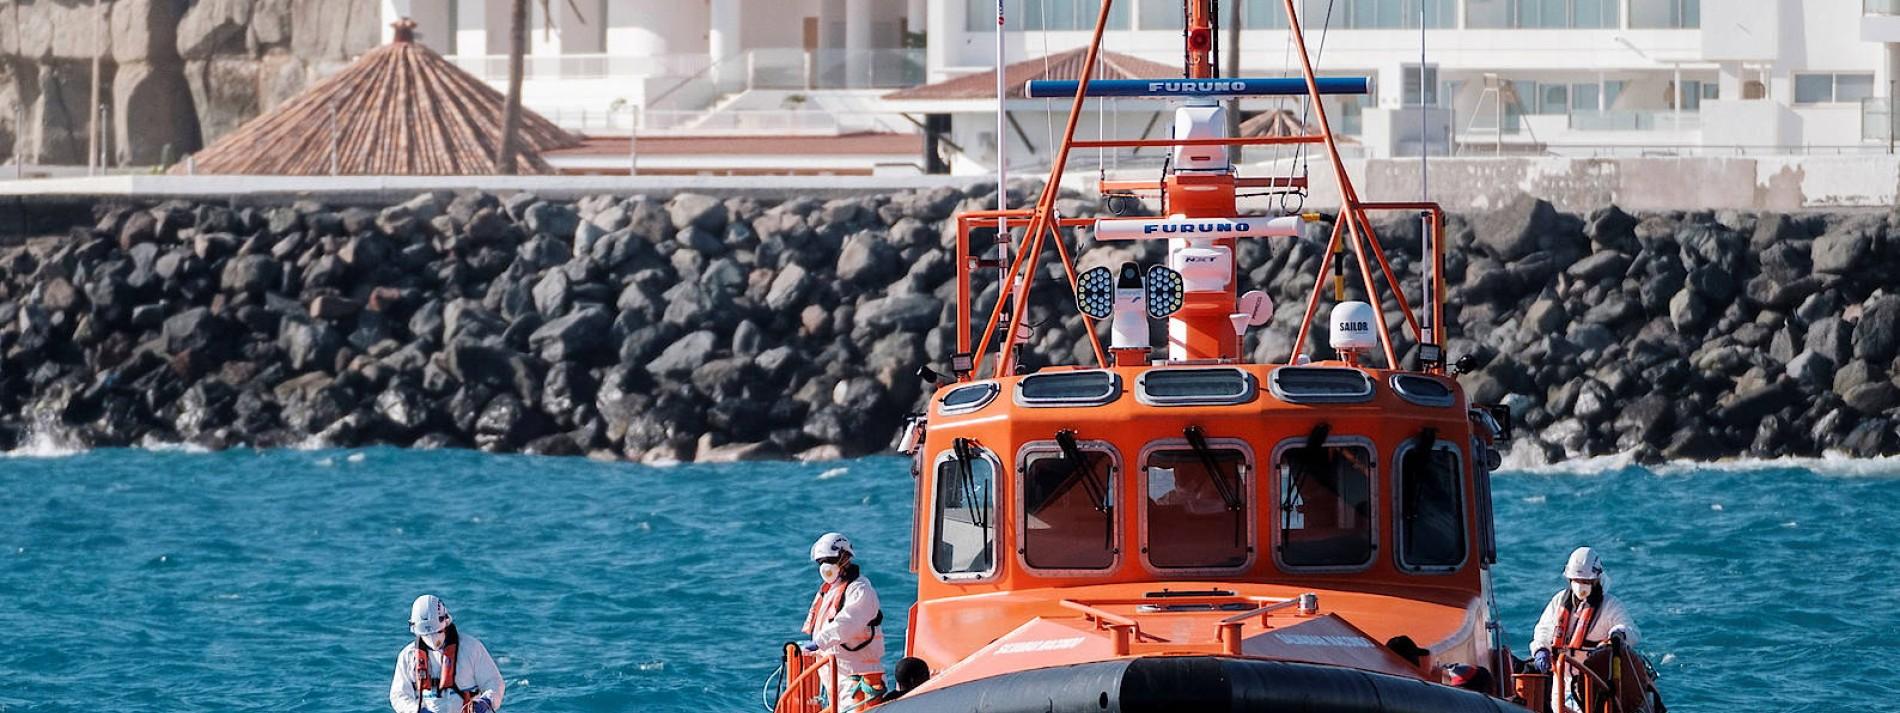 Spanische Küstenwache rettet Dutzende Flüchtlinge